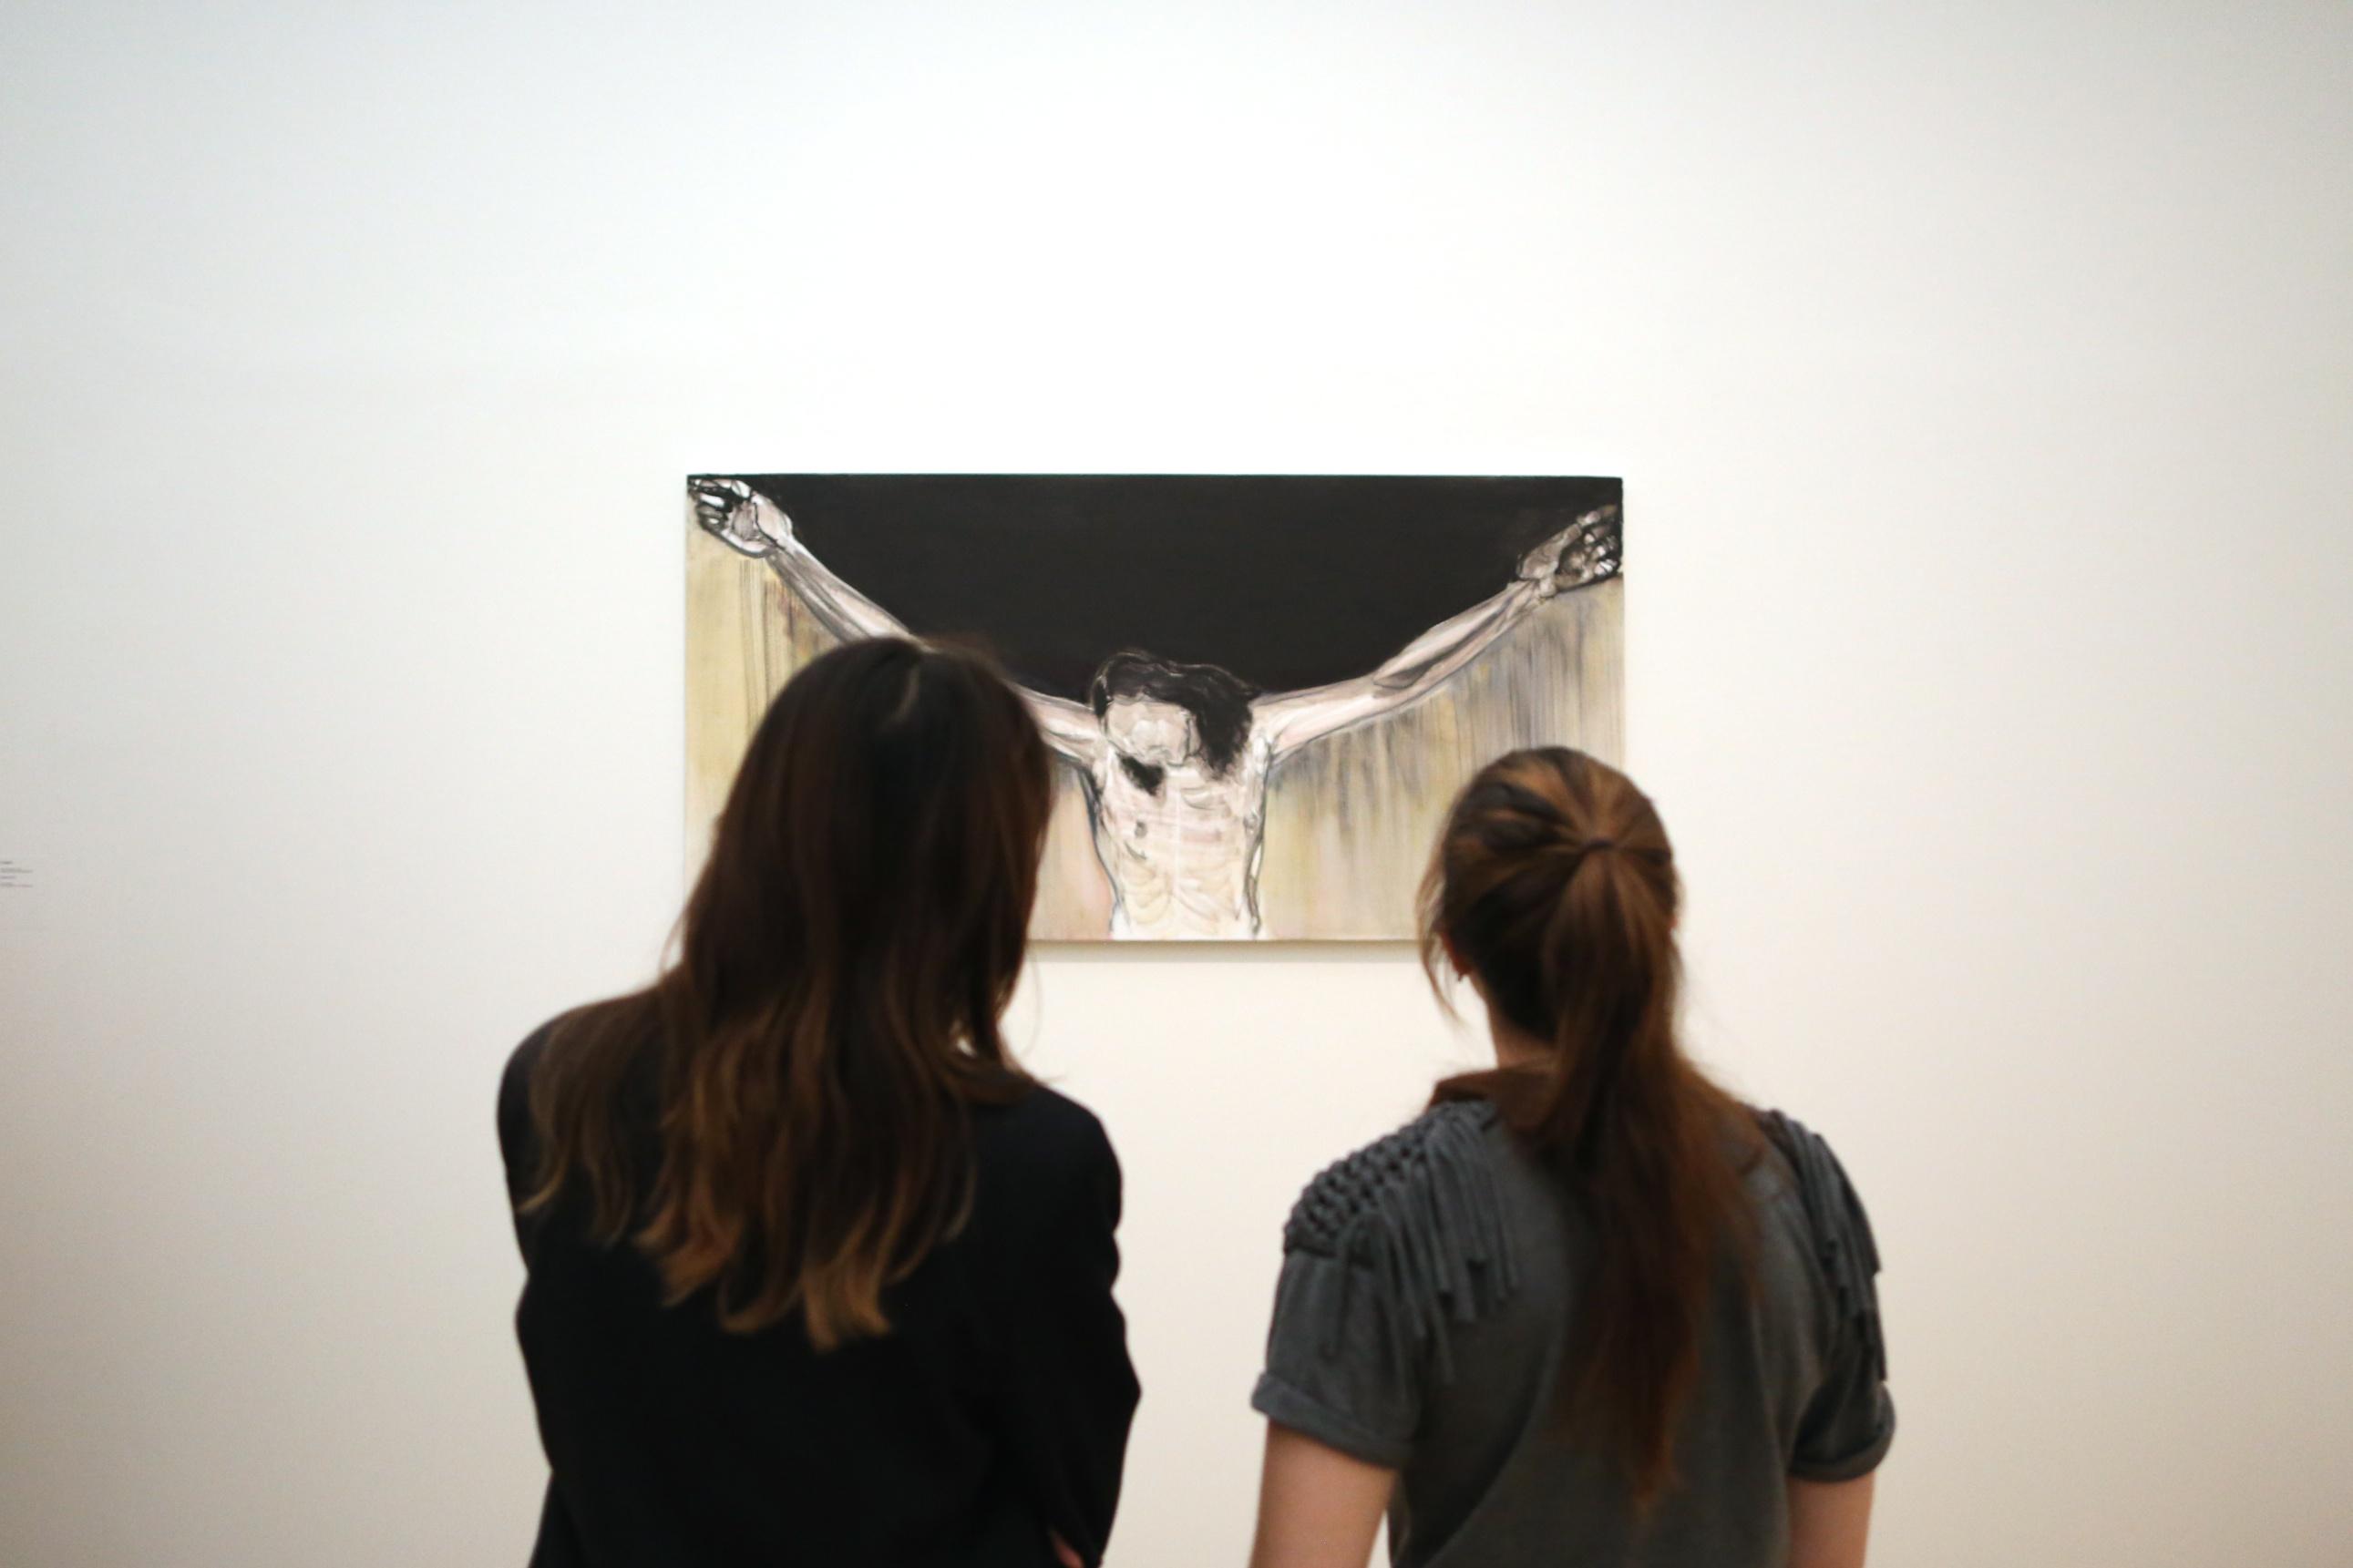 Marlene Dumas x Stedelijk © PulpCollectors 6